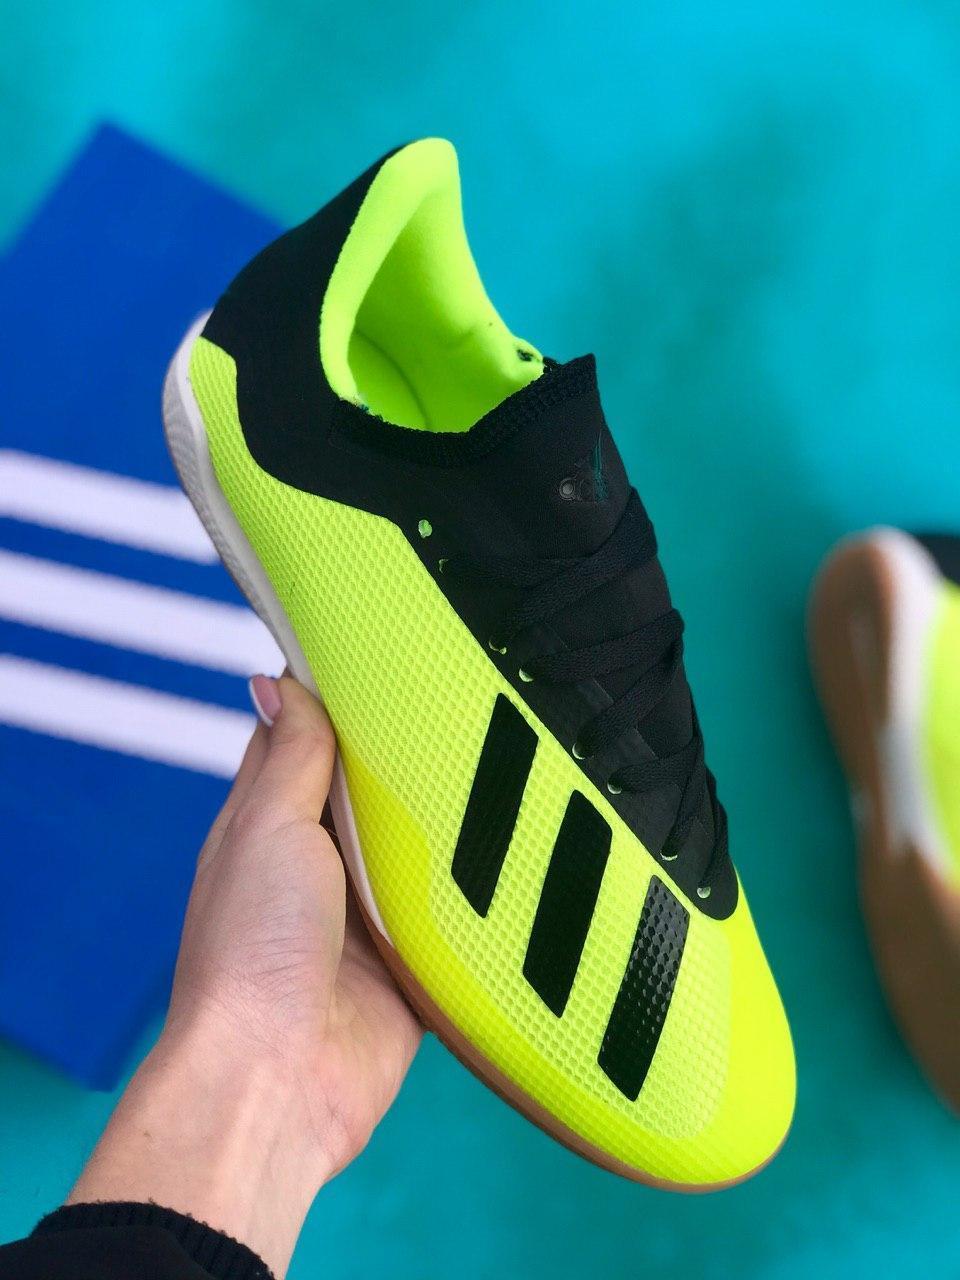 Футзалки Adidas X 19.3 IN/залки адидас икс/футбольная обувь черно-салатовые